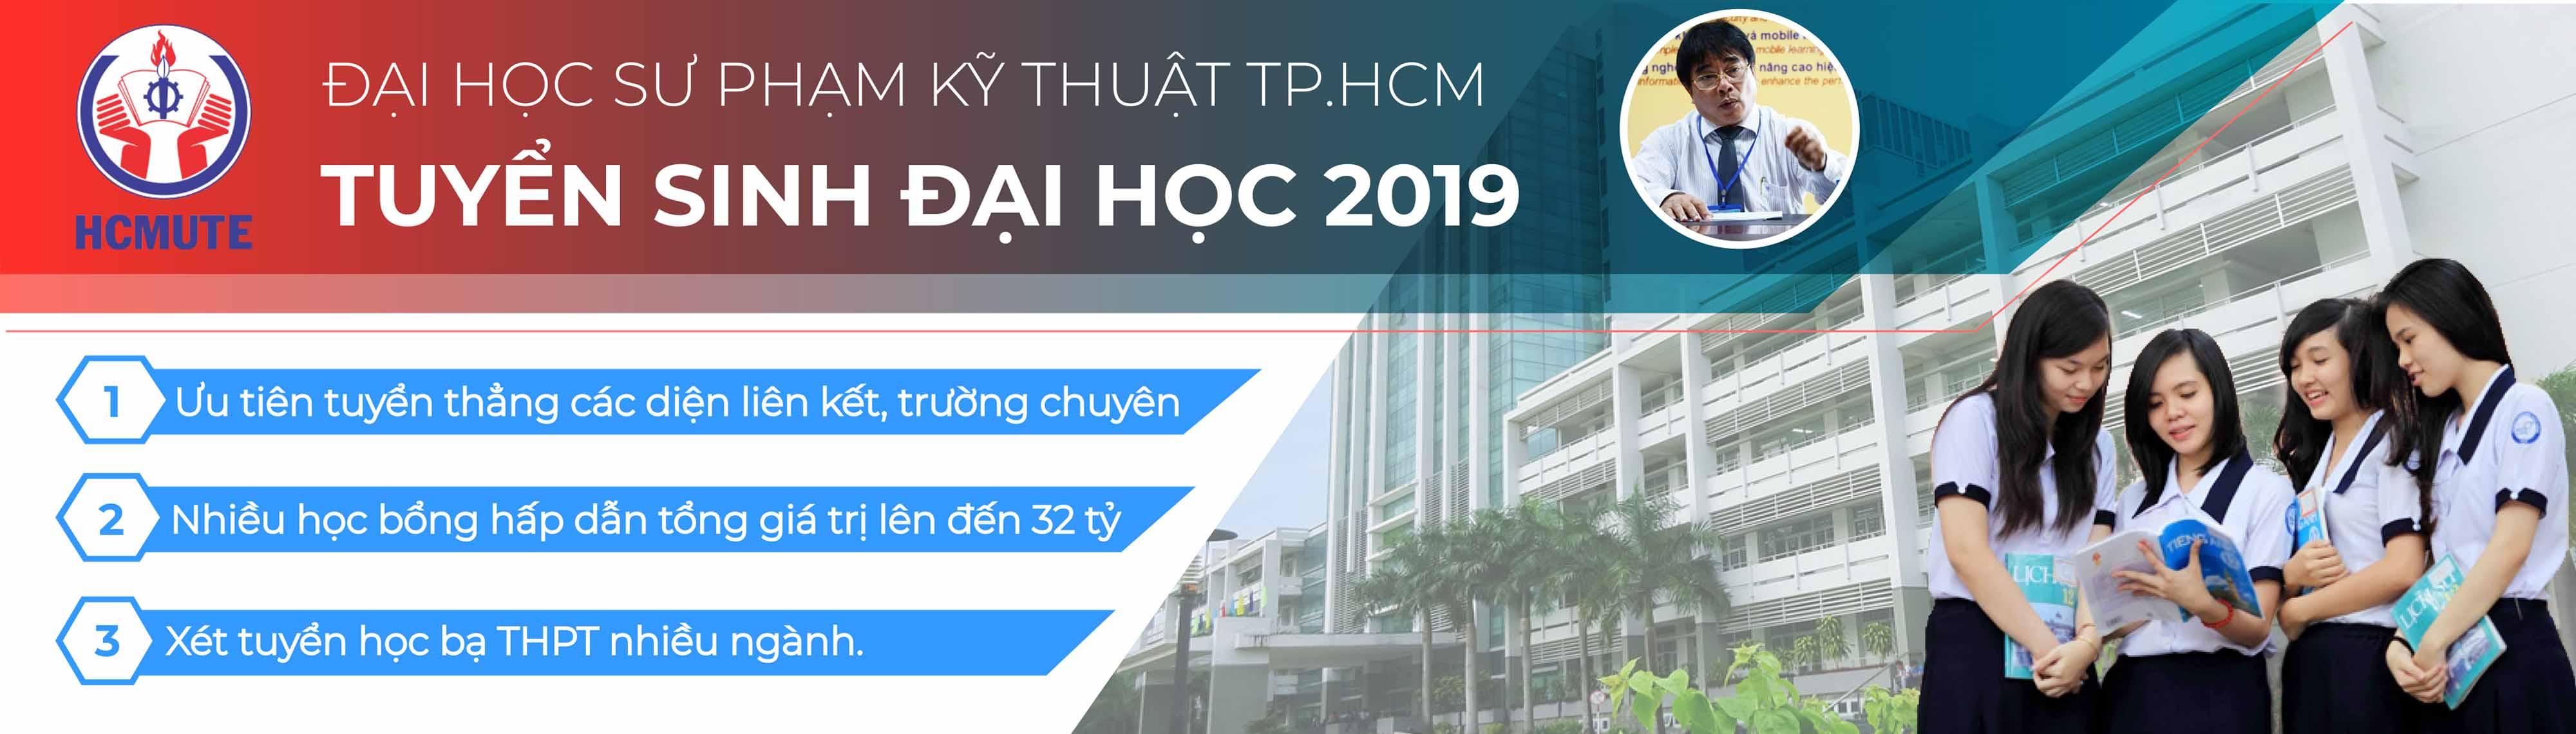 HCMUTE - ĐH SPKT Tuyển sinh 2019   Đại học Sư phạm Kỹ thuật TPHCM